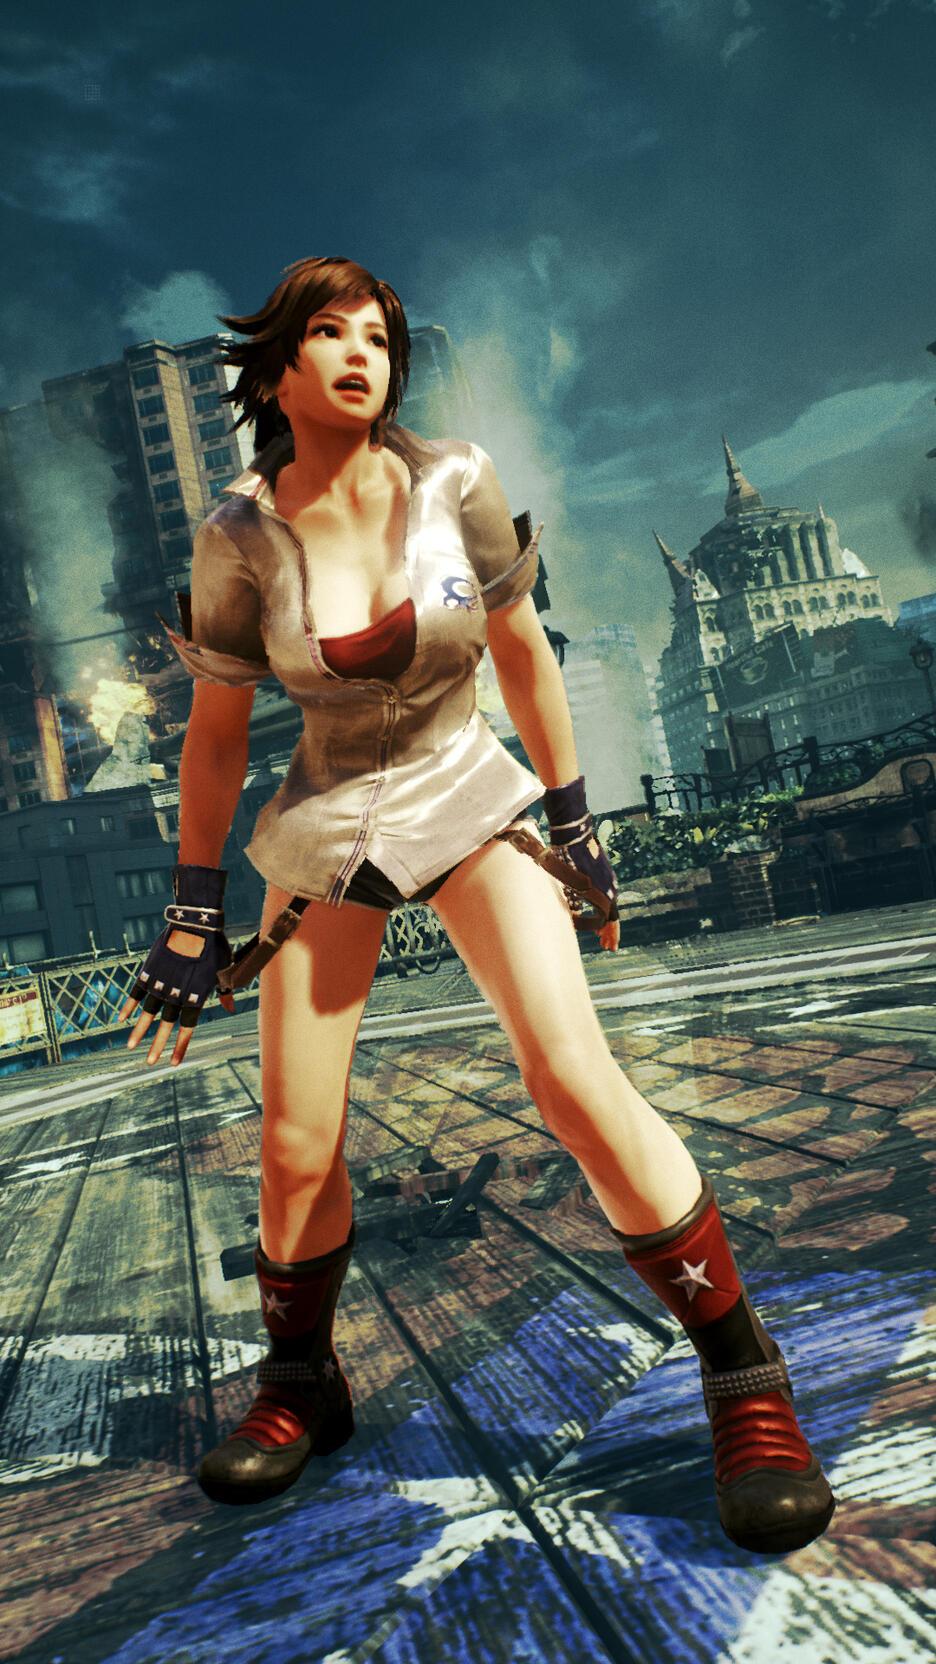 Tekken 7 GameStop Ireland